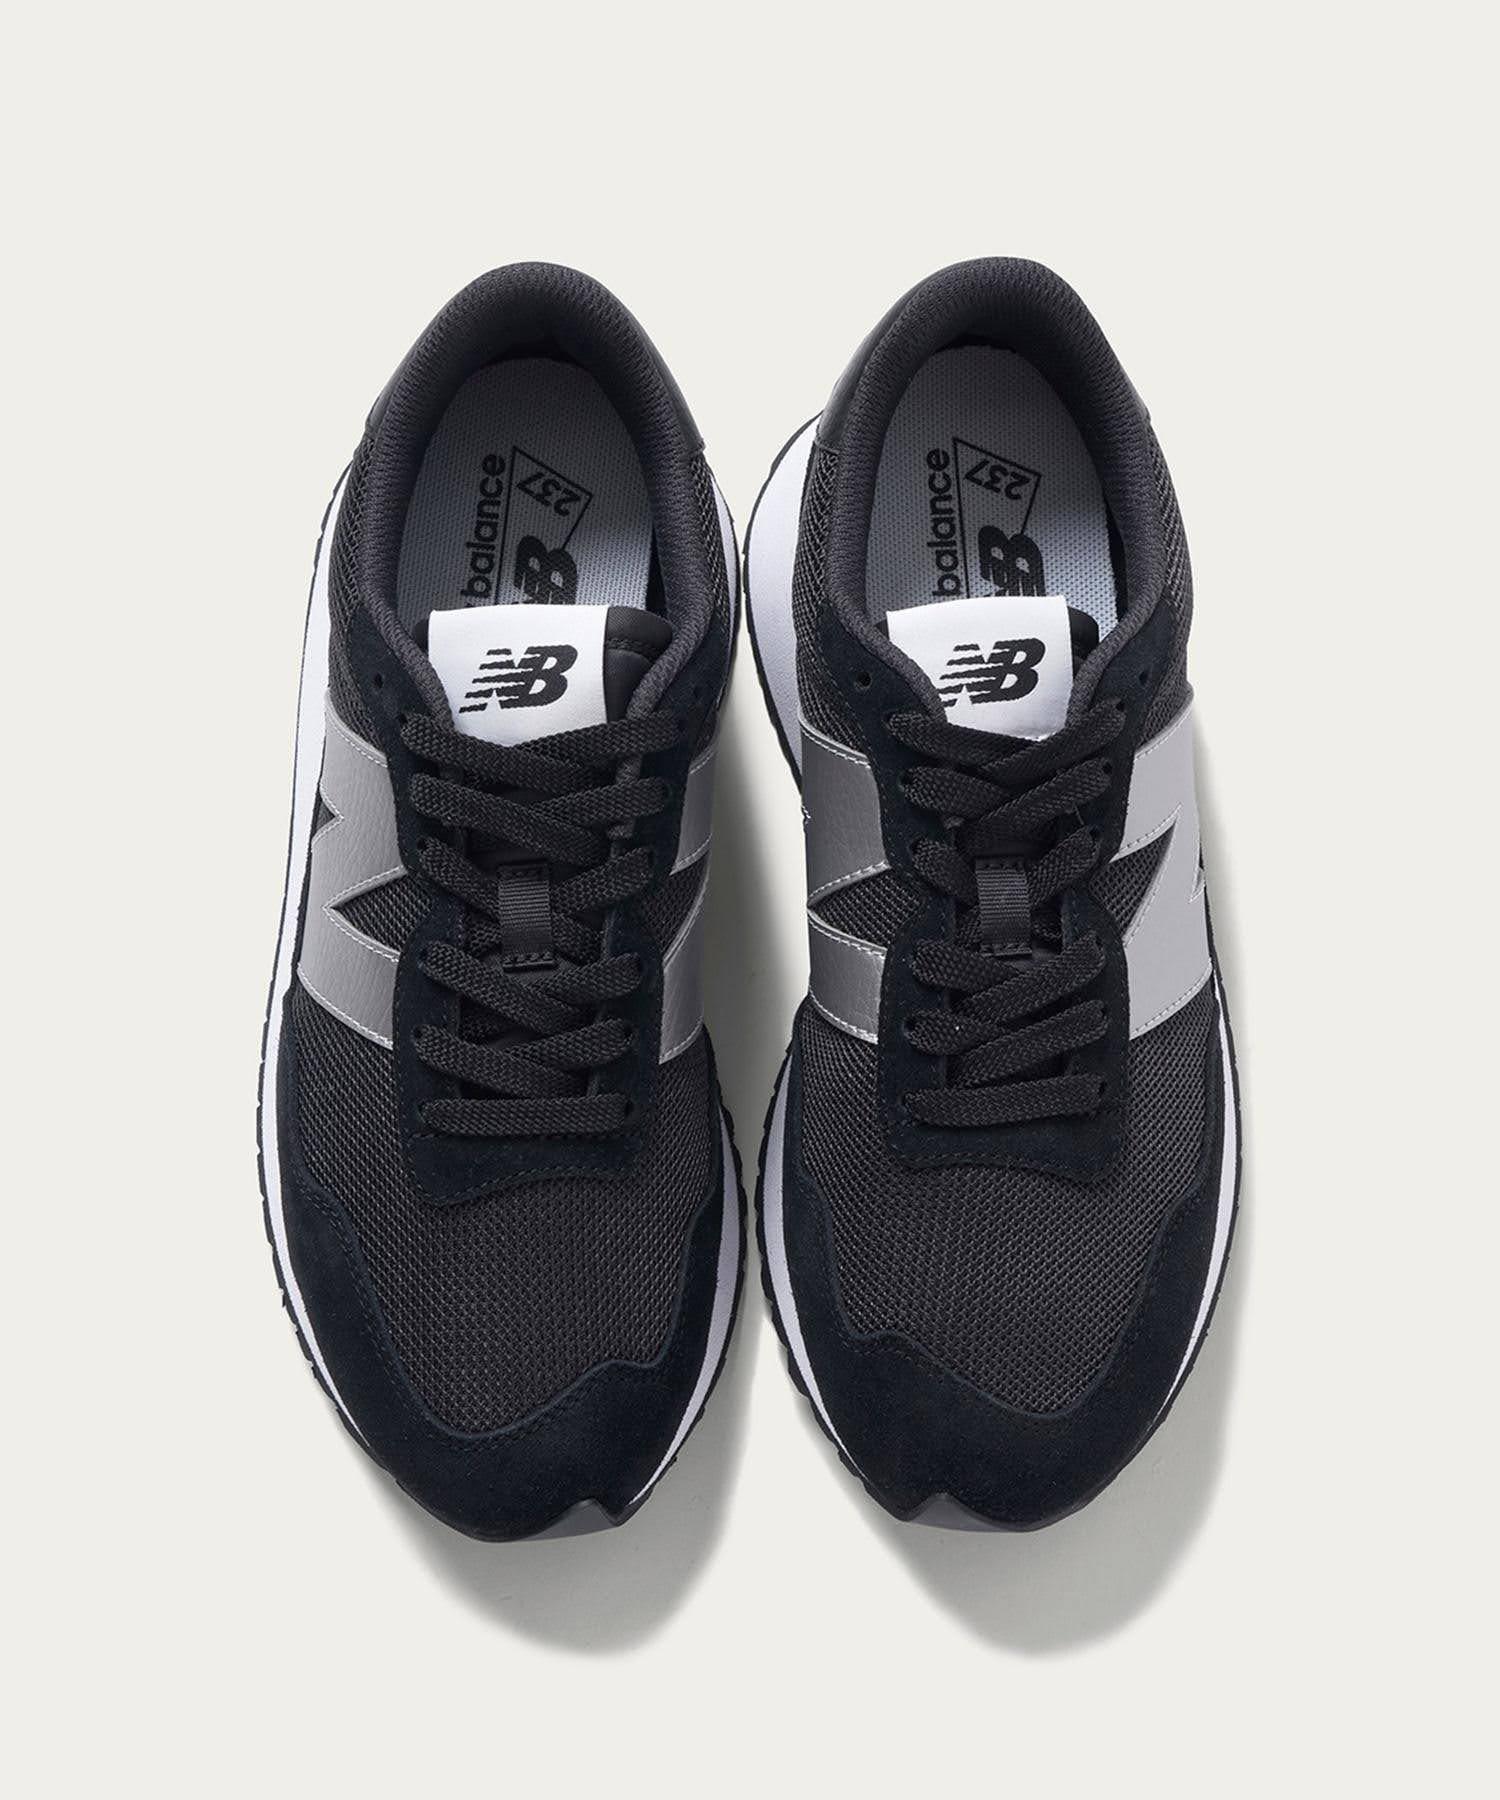 ニューバランス WS237/ ブラック New-Balance-WS237-Black-top